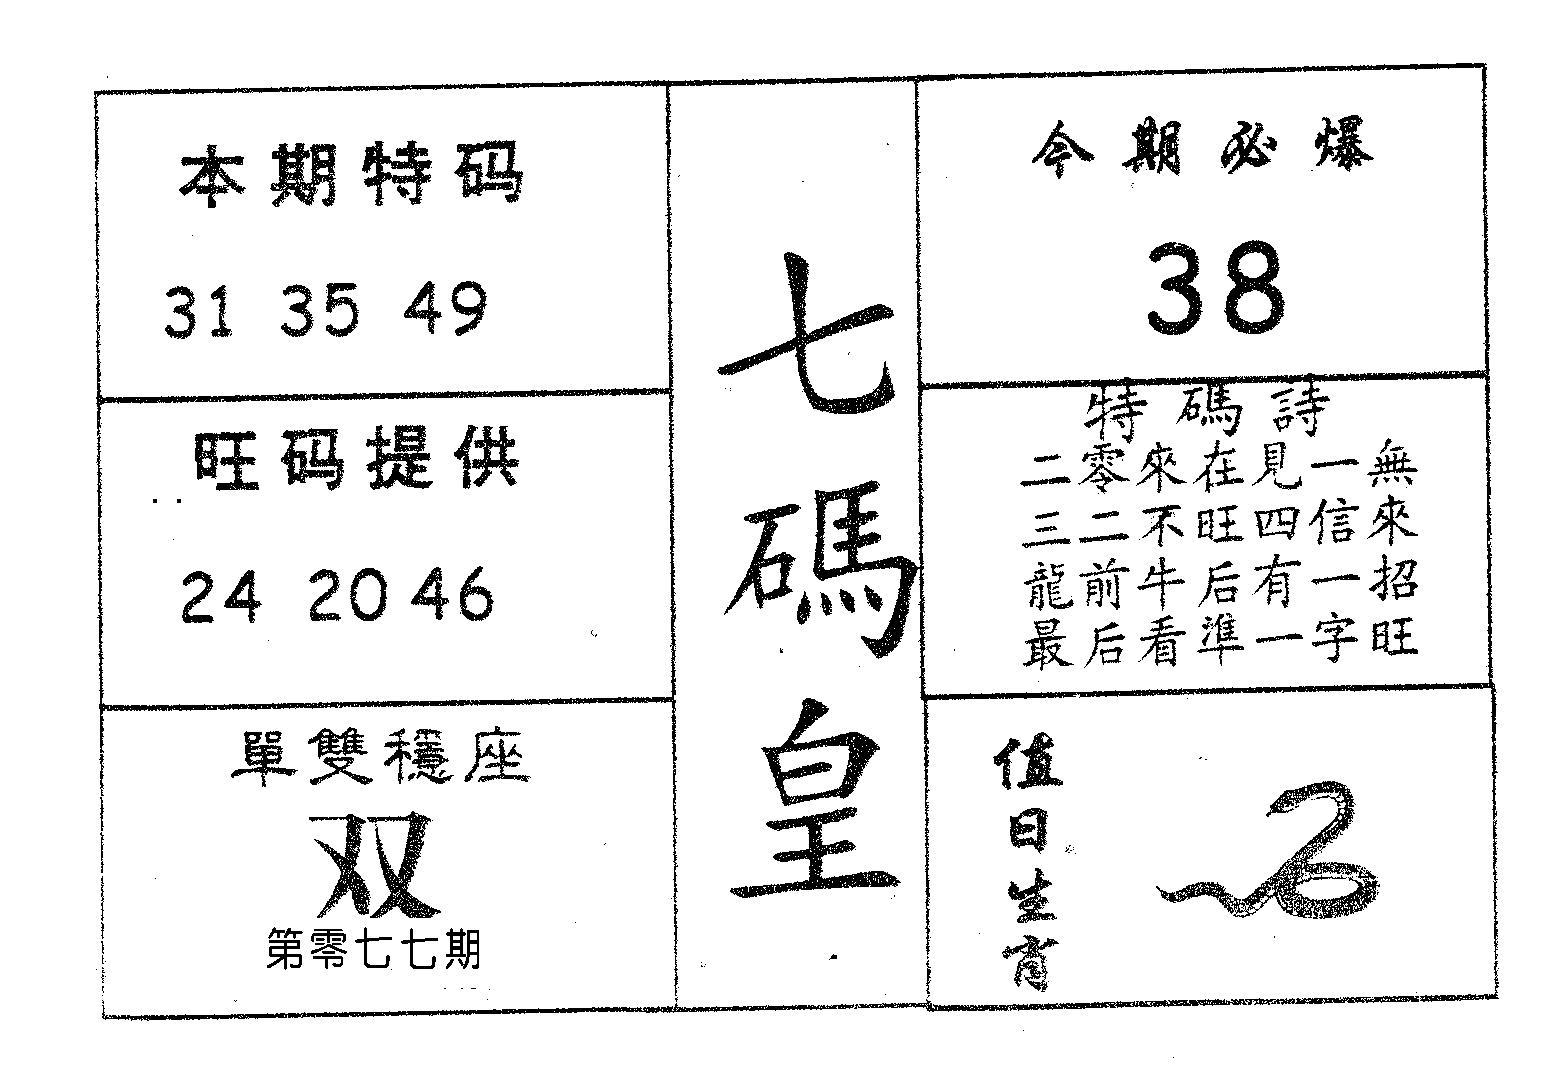 077期七码皇(黑白)